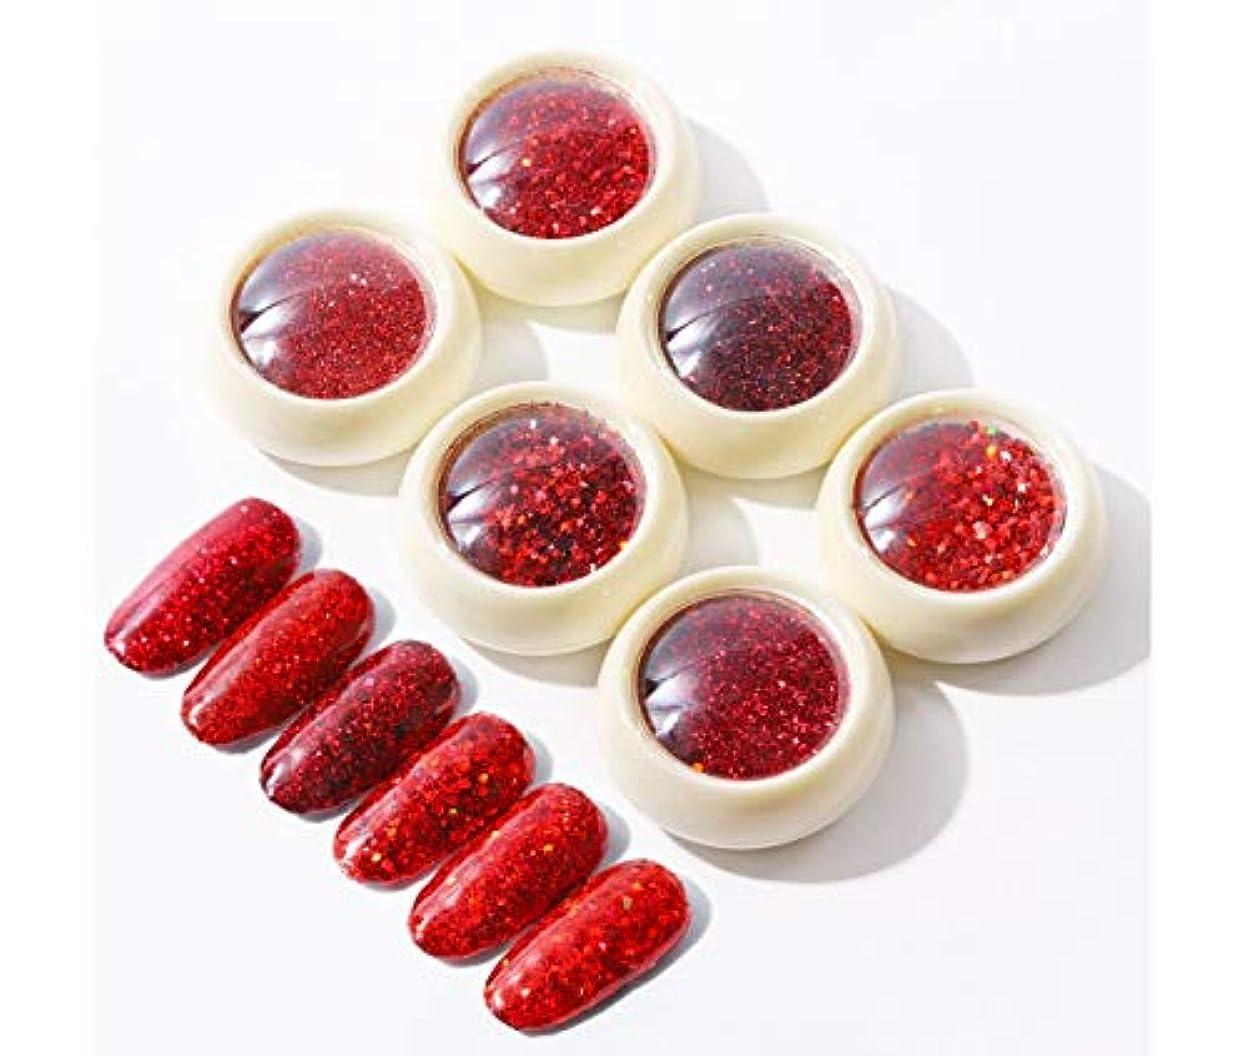 十分にアンティークプライバシーKerwinner 3Dネイルアート混合Glittertネイルパウダーネイルズ粉塵マニキュアネイルアートの装飾チャームアクセサリーを輝きます (Color : Diamond red series)